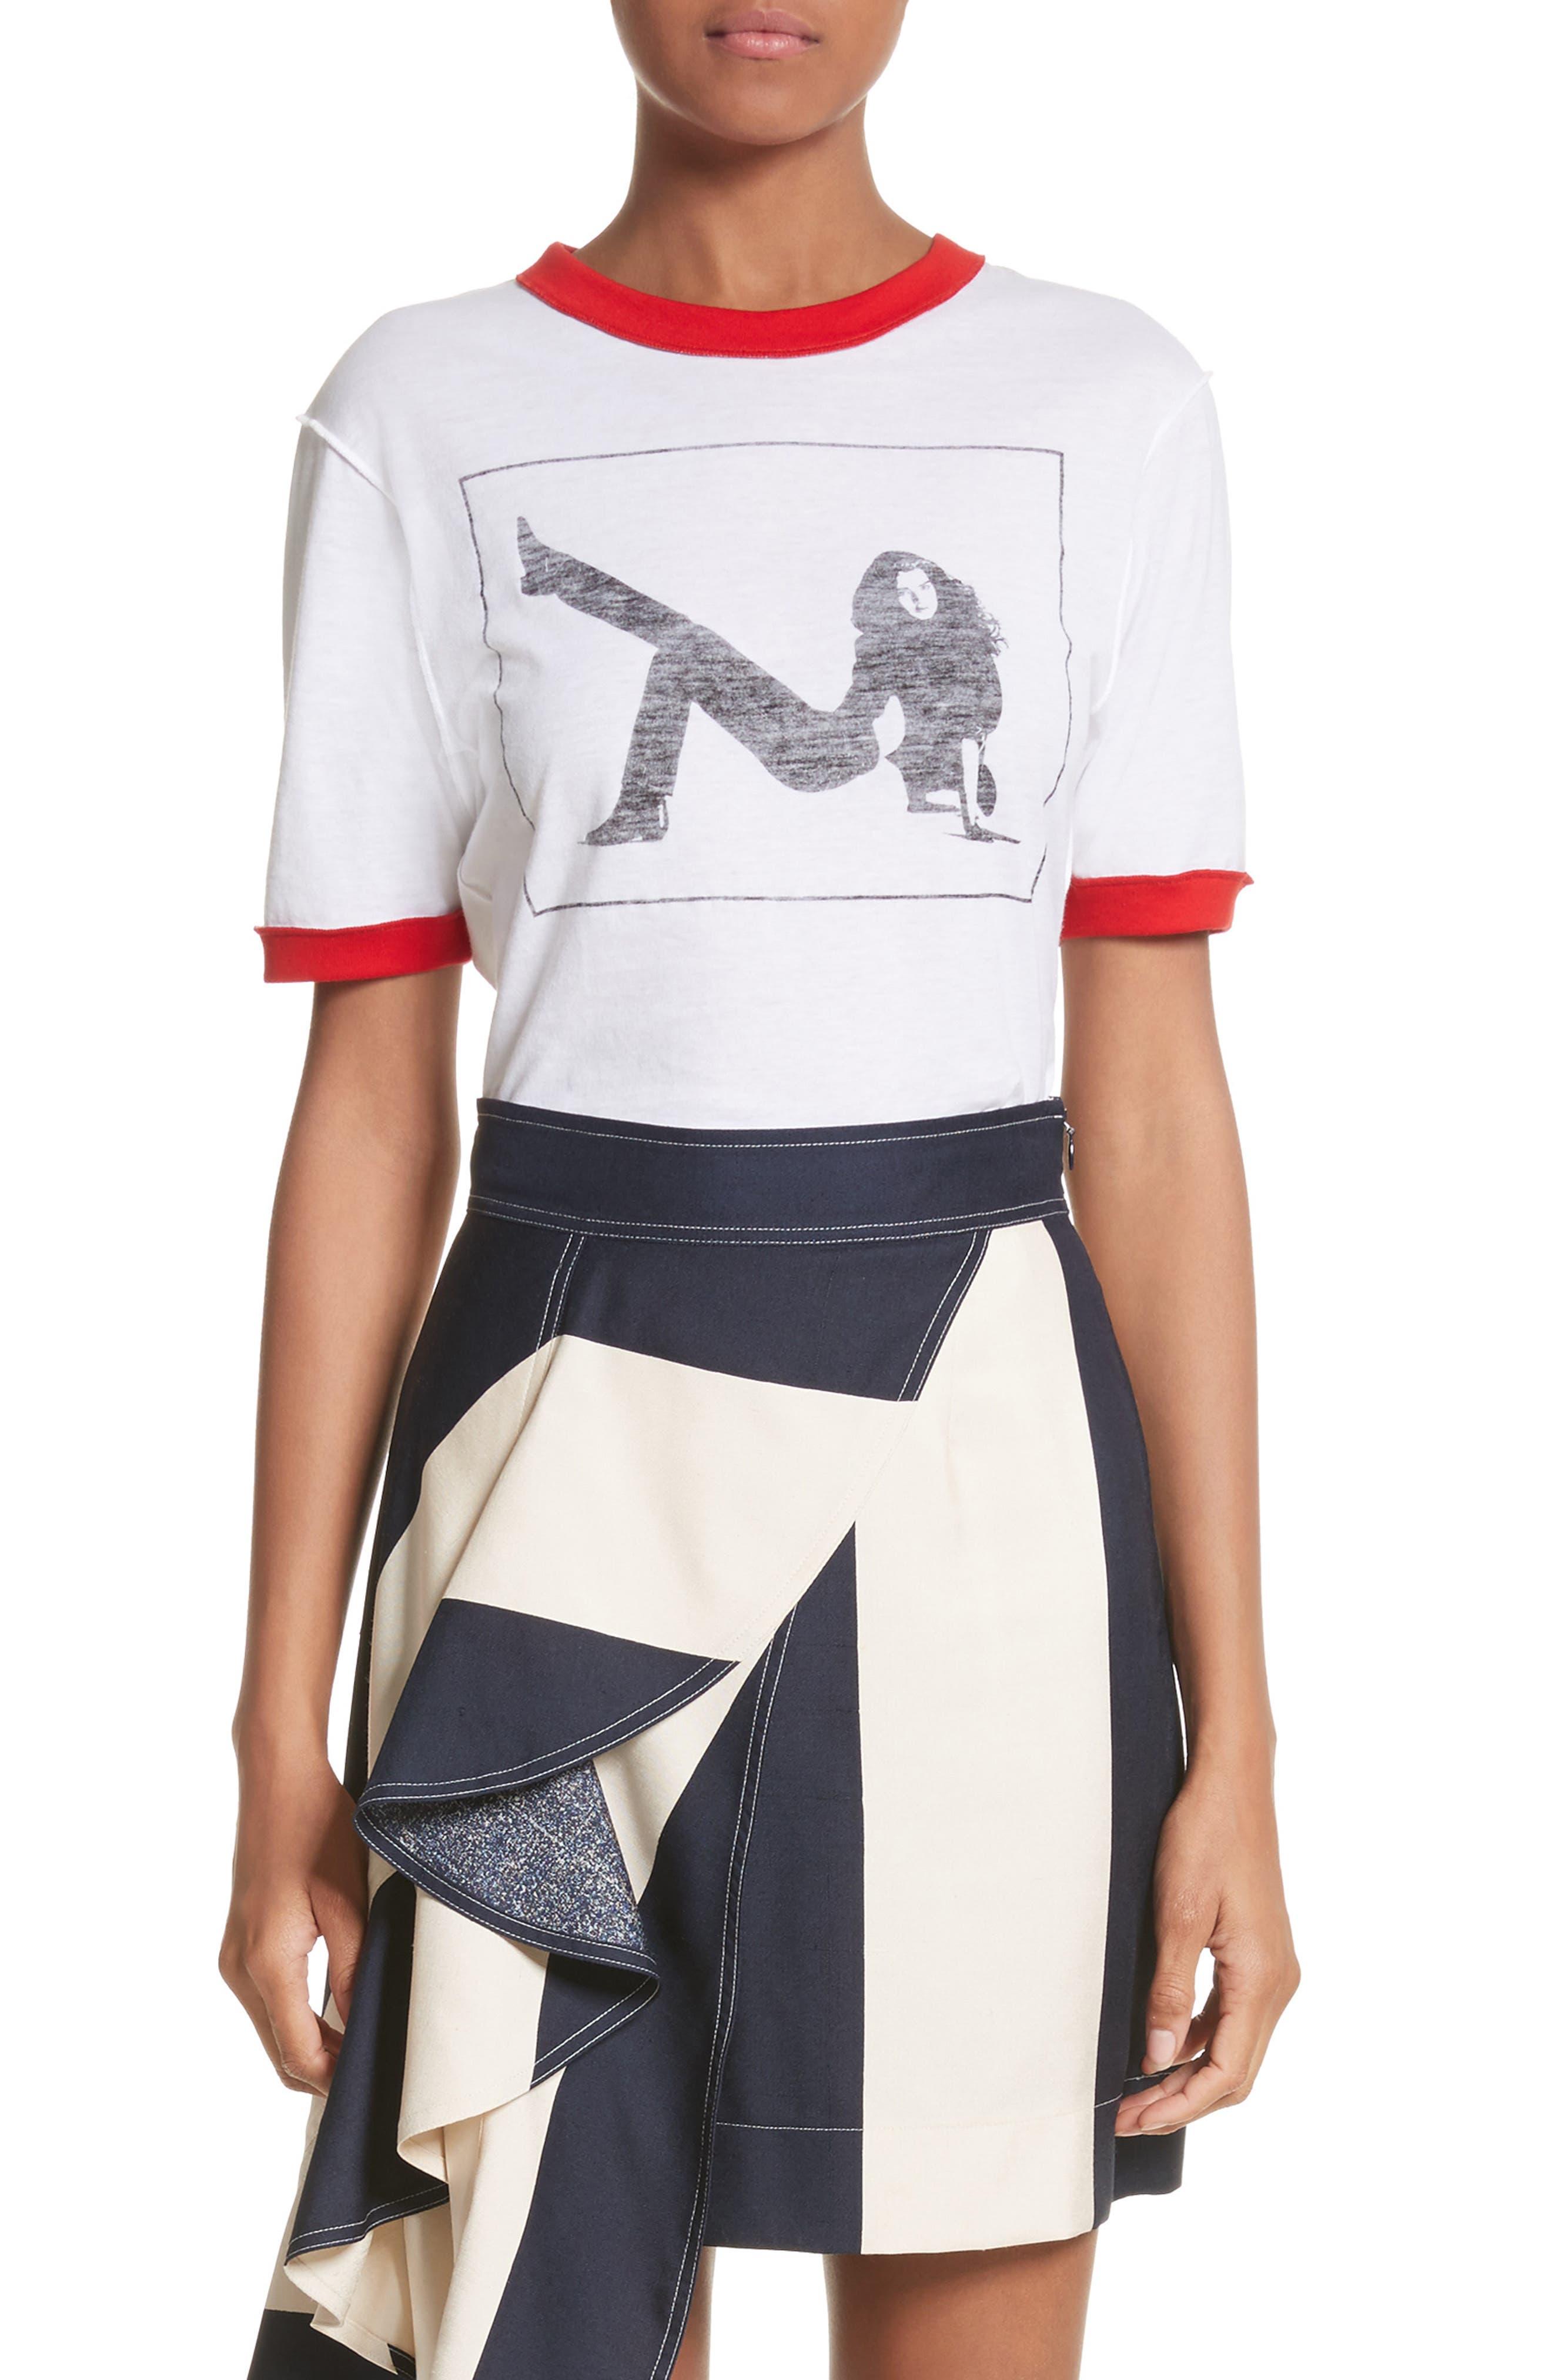 Calvin Klein 205W39NYC Print Tee